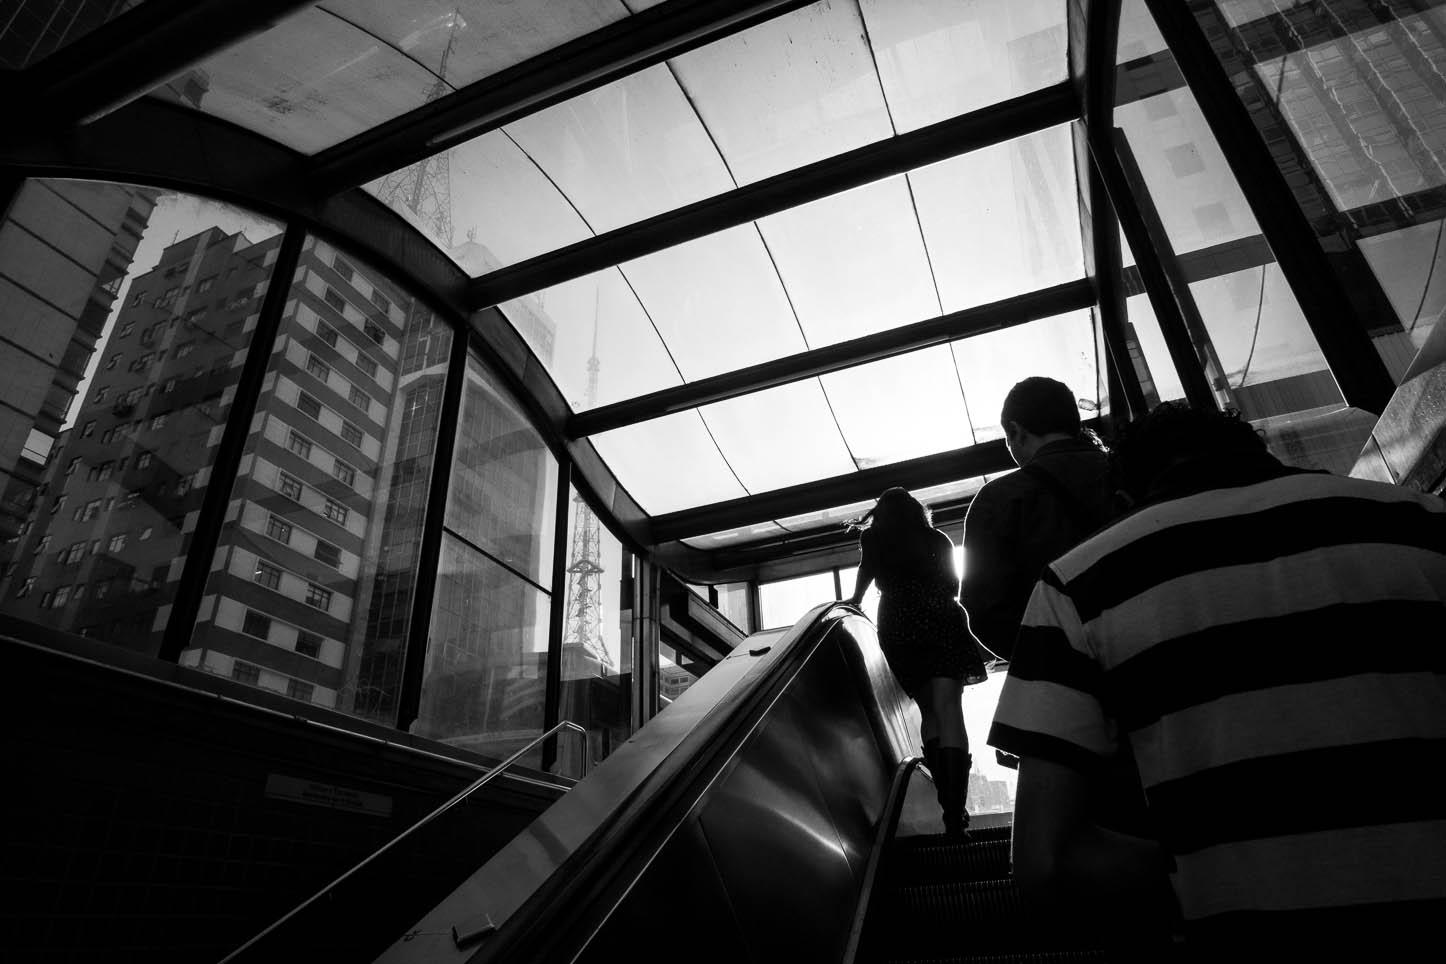 Estação Brigadeiro do metrô na av. Paulista